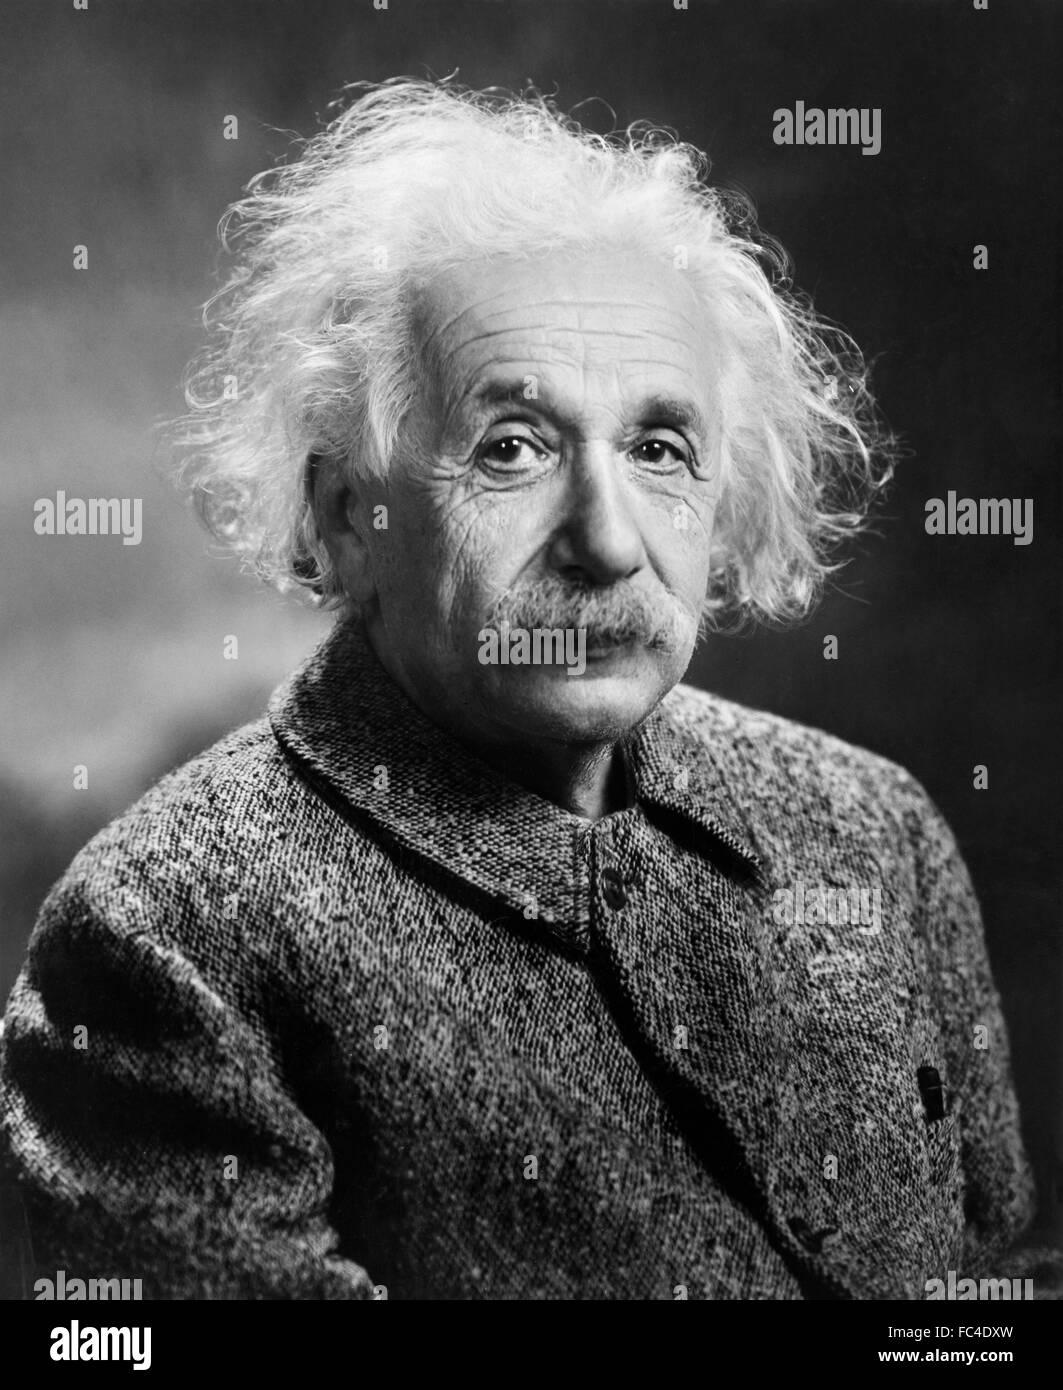 Einstein. Portrait of Albert Einstein. Photograph by Orren Jack Turner, c.1947. - Stock Image